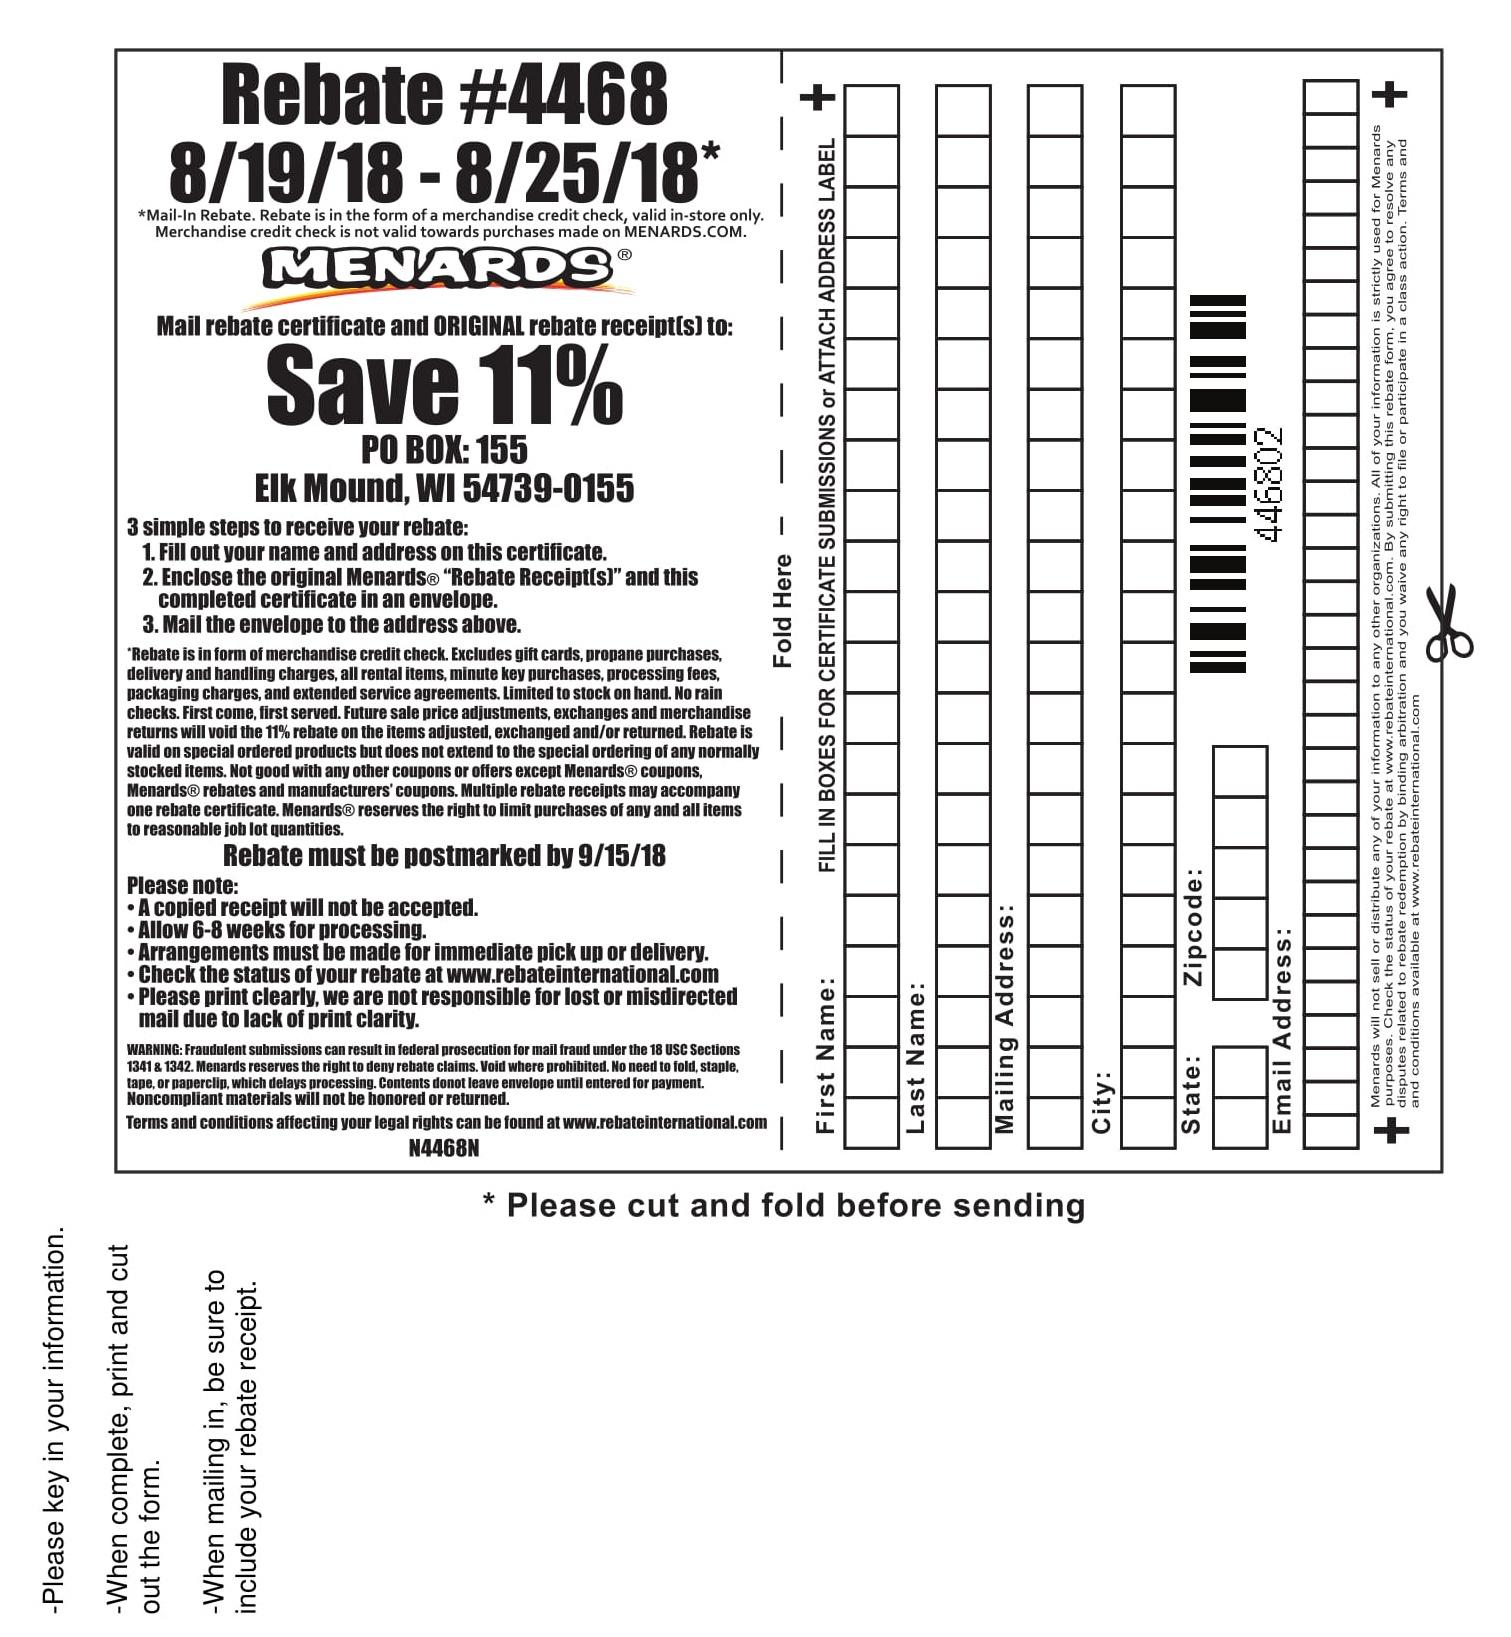 Menards Rebate Form 7809